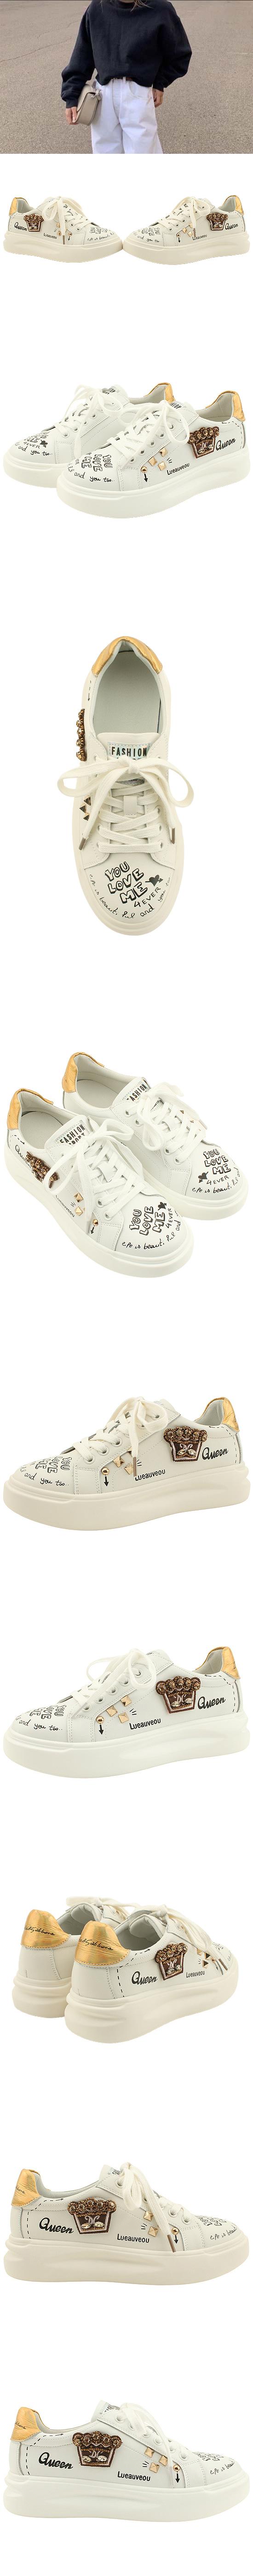 Cowhide Cubic Beads Crown Sneakers Beige